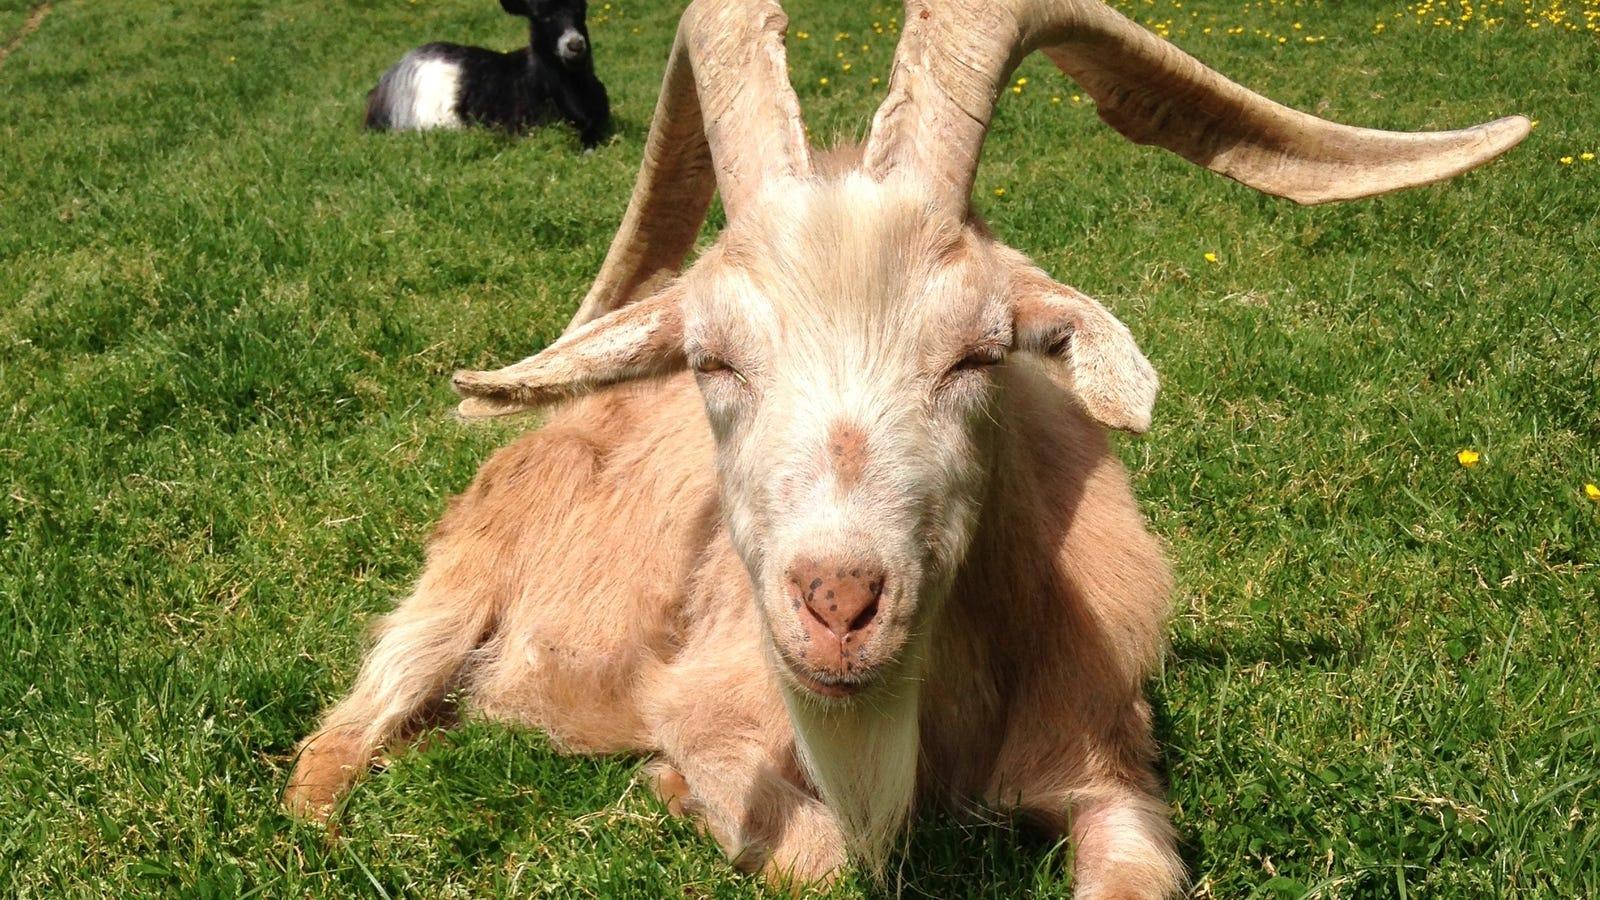 A las cabras no les gusta tu cara gruñona